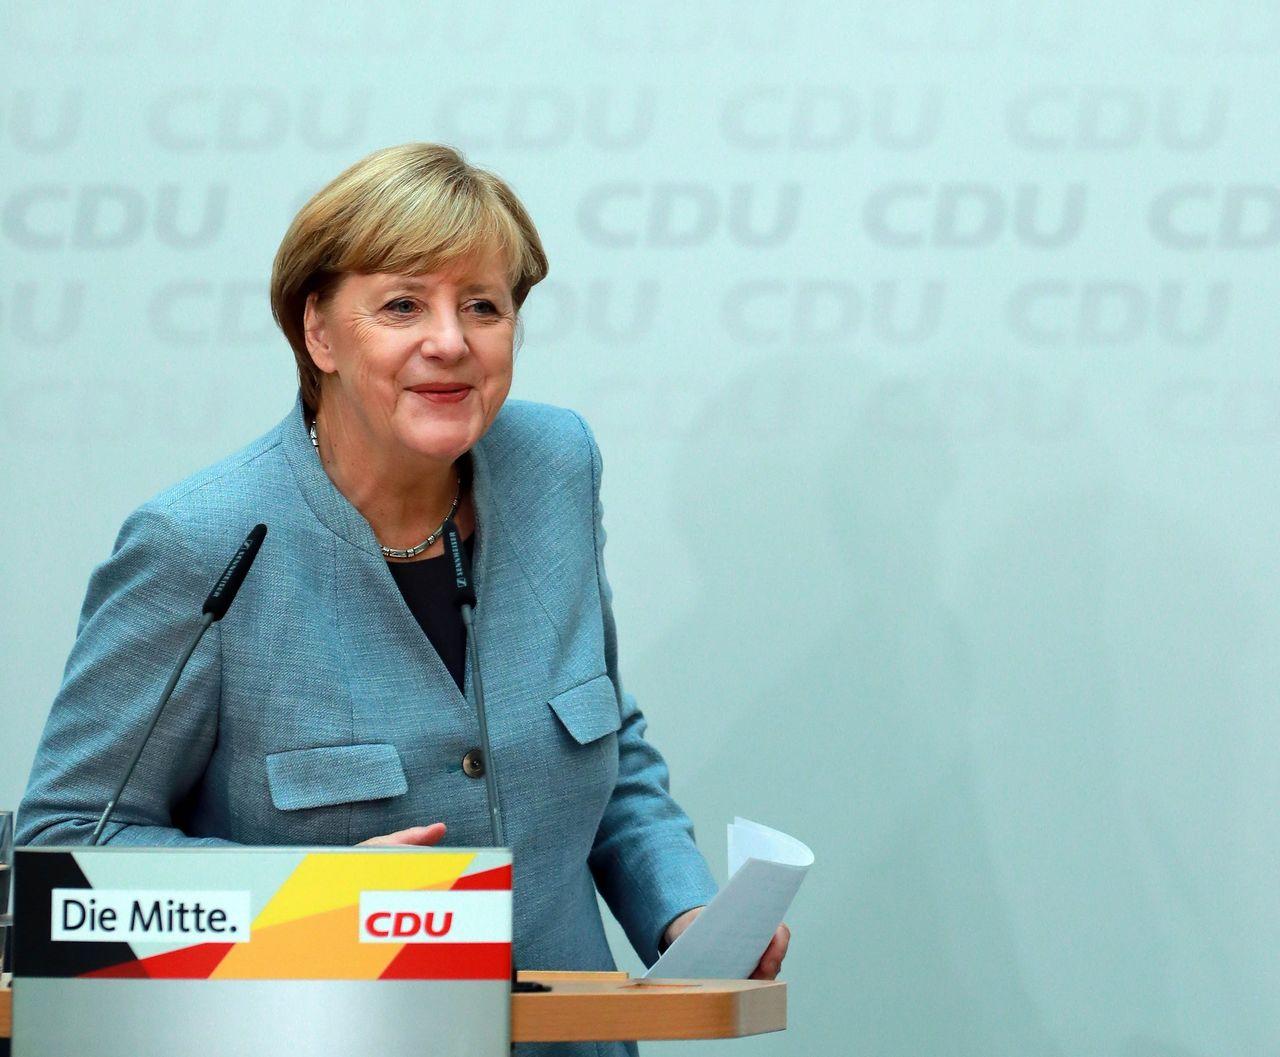 德國大選 梅克爾時代尚未結束